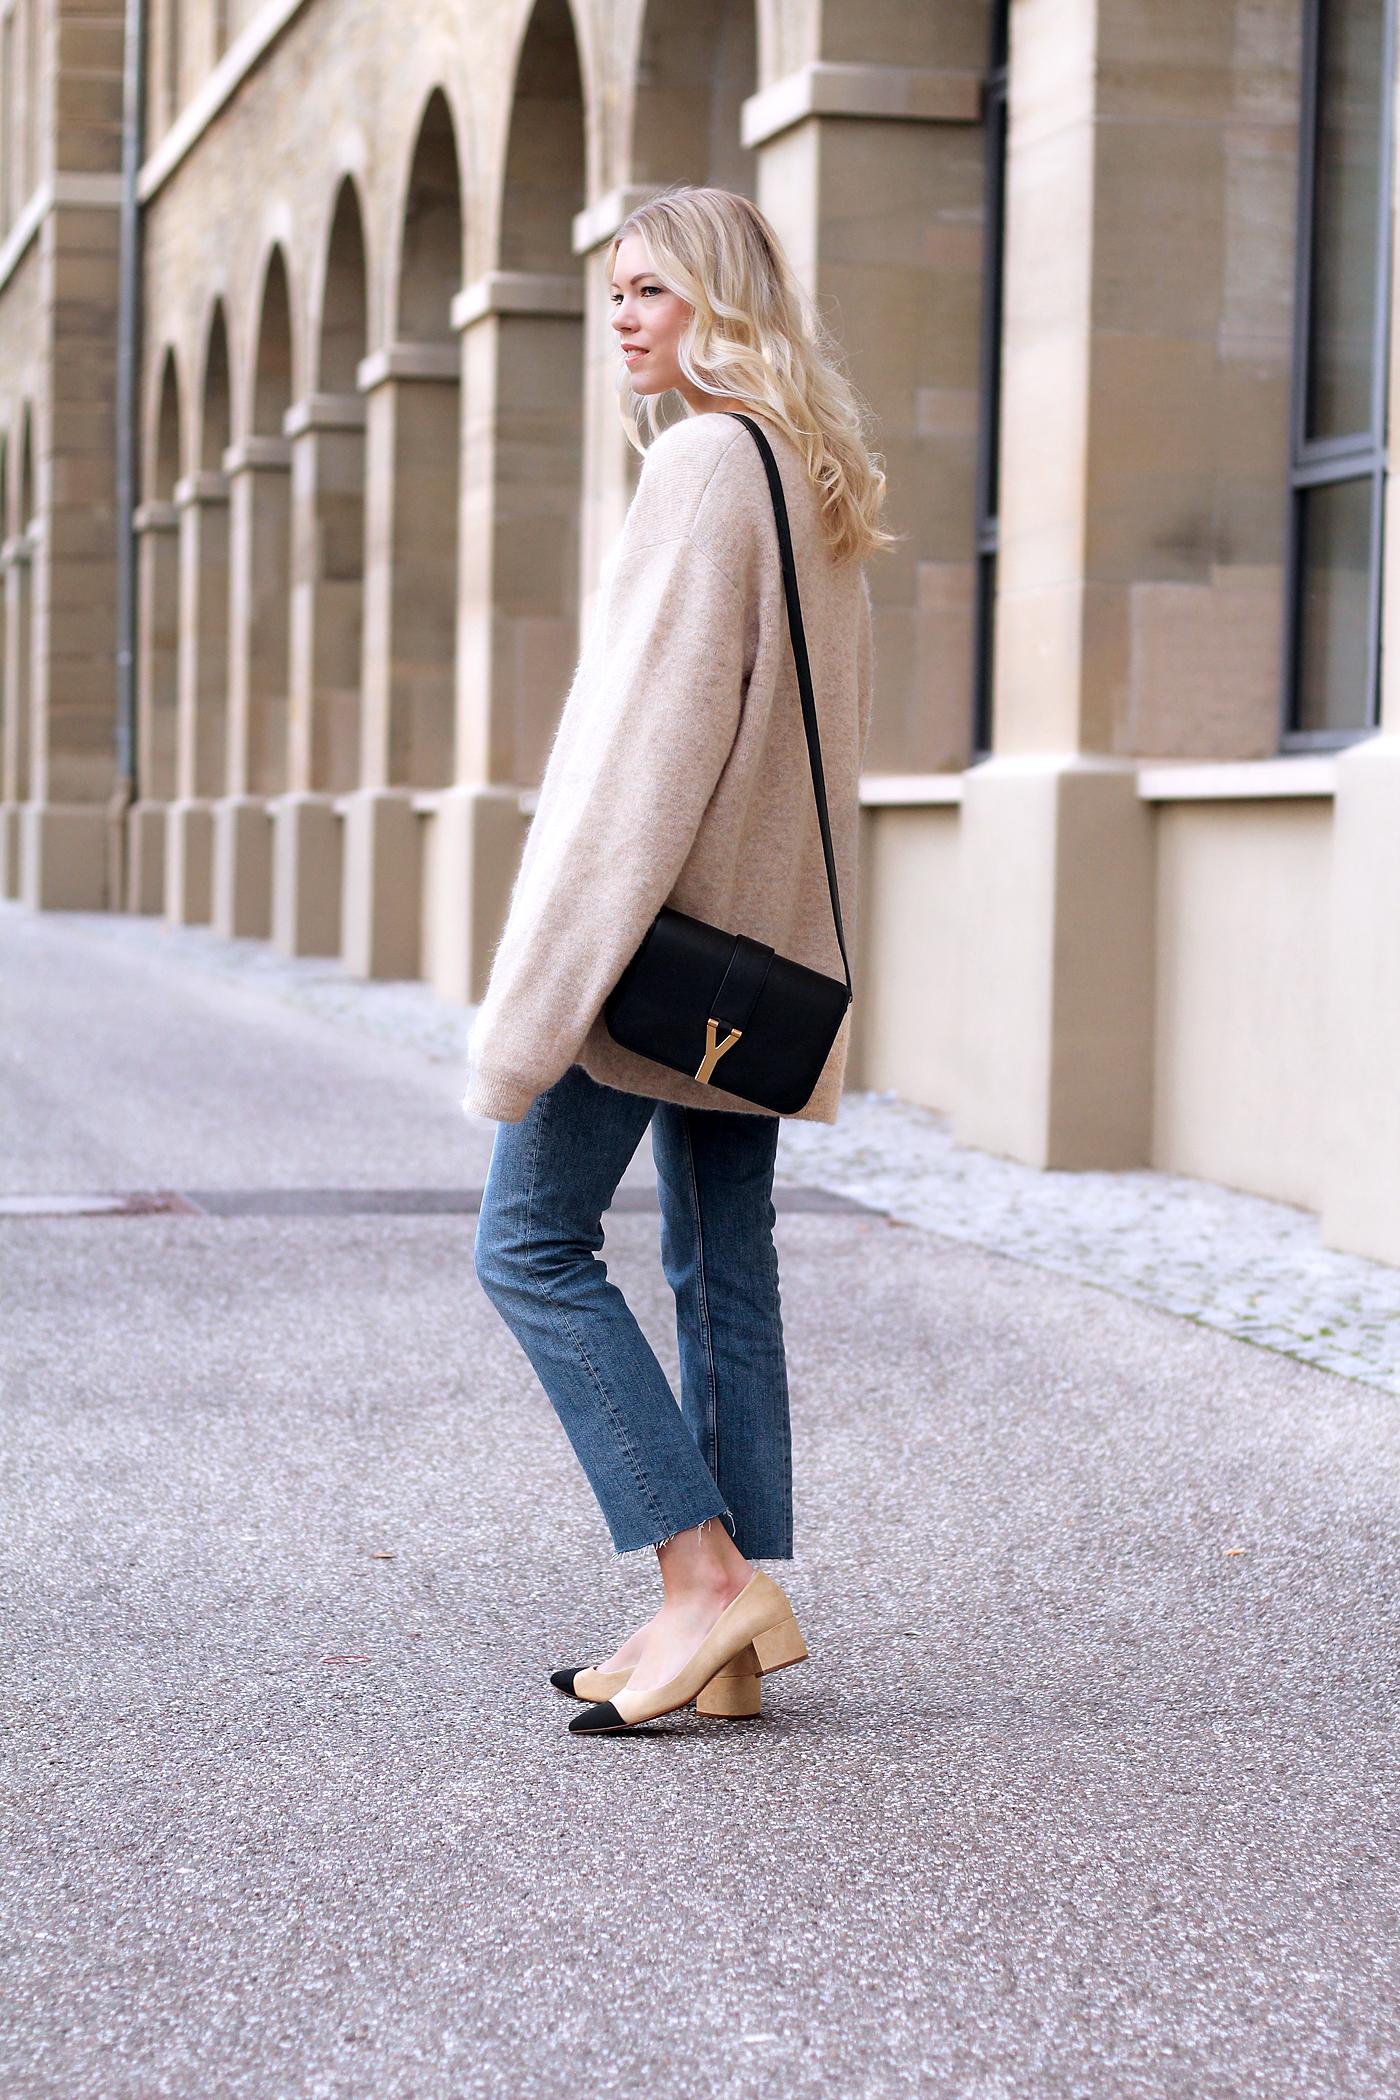 somehappyshoes_fashionblog_hm_mohair_sweater_oversized2